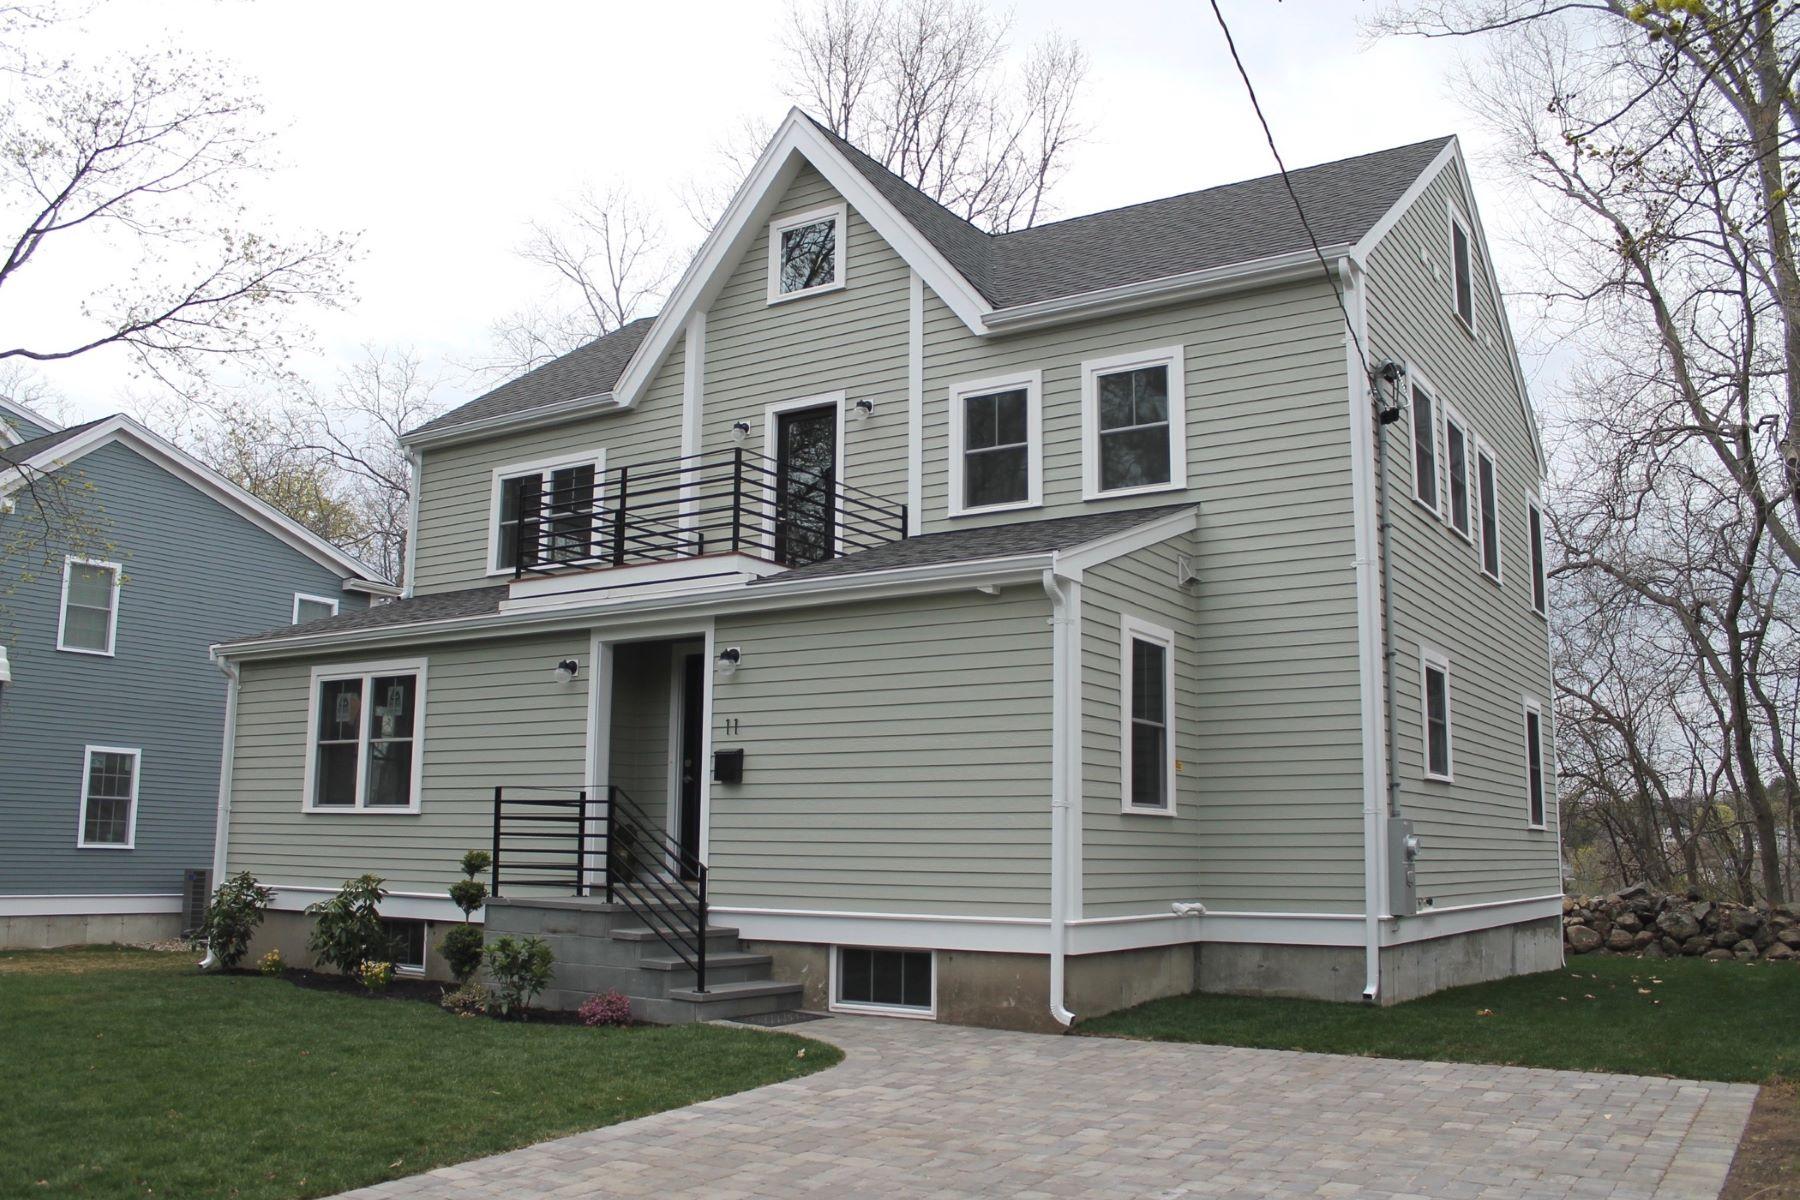 Частный односемейный дом для того Продажа на Totally Renovated Colonial 11 Carville Avenue Lexington, Массачусетс, 02421 Соединенные Штаты